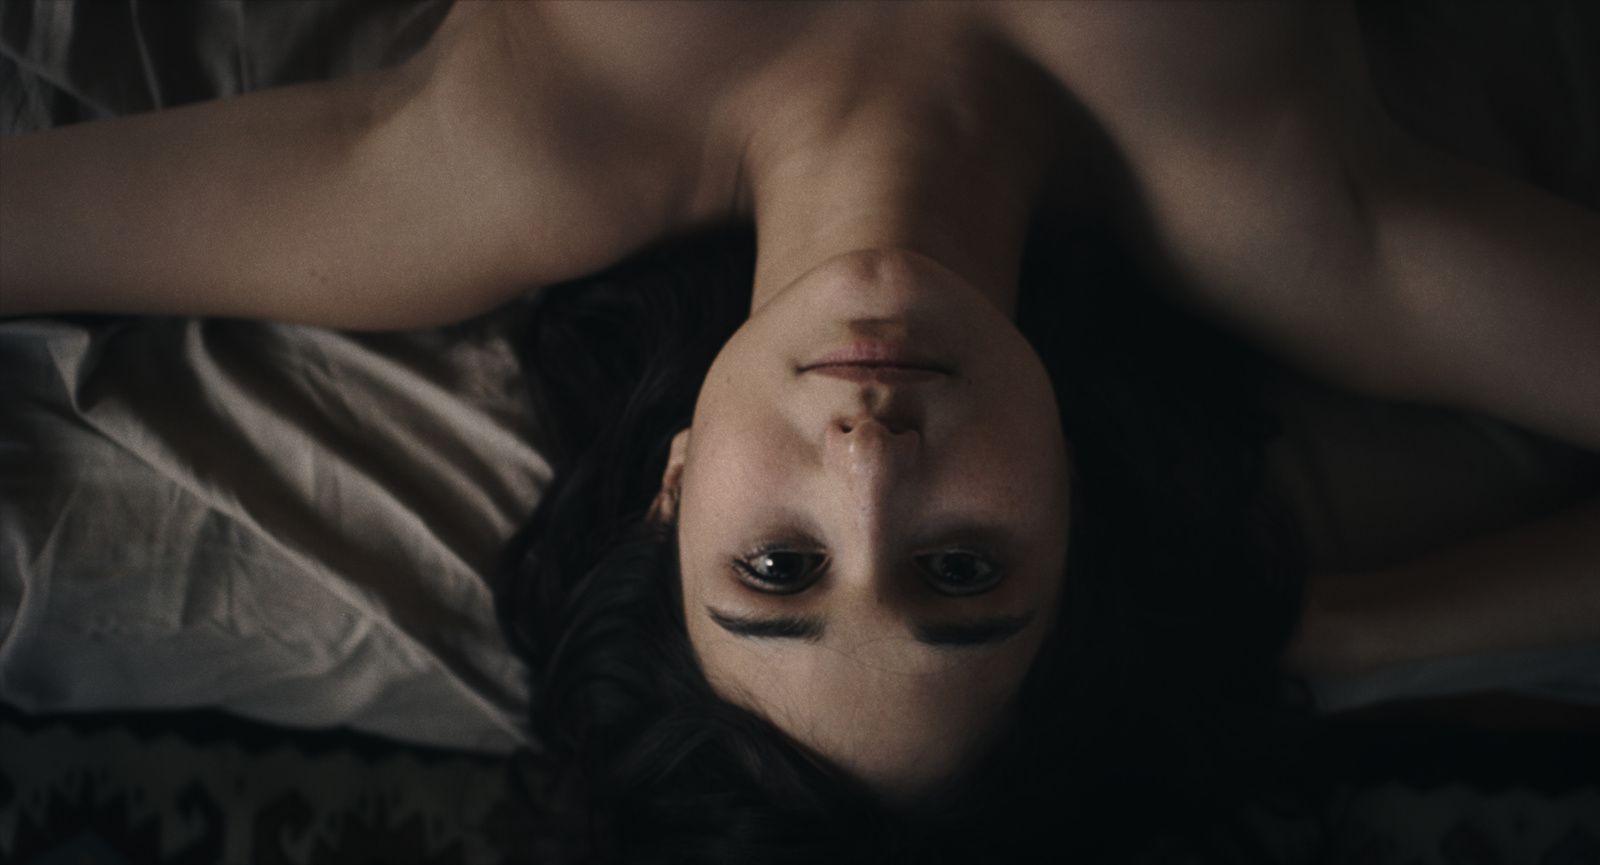 RICORDI ? (BANDE-ANNONCE) de Valerio Mieli - Le 31 juillet 2019 au cinéma